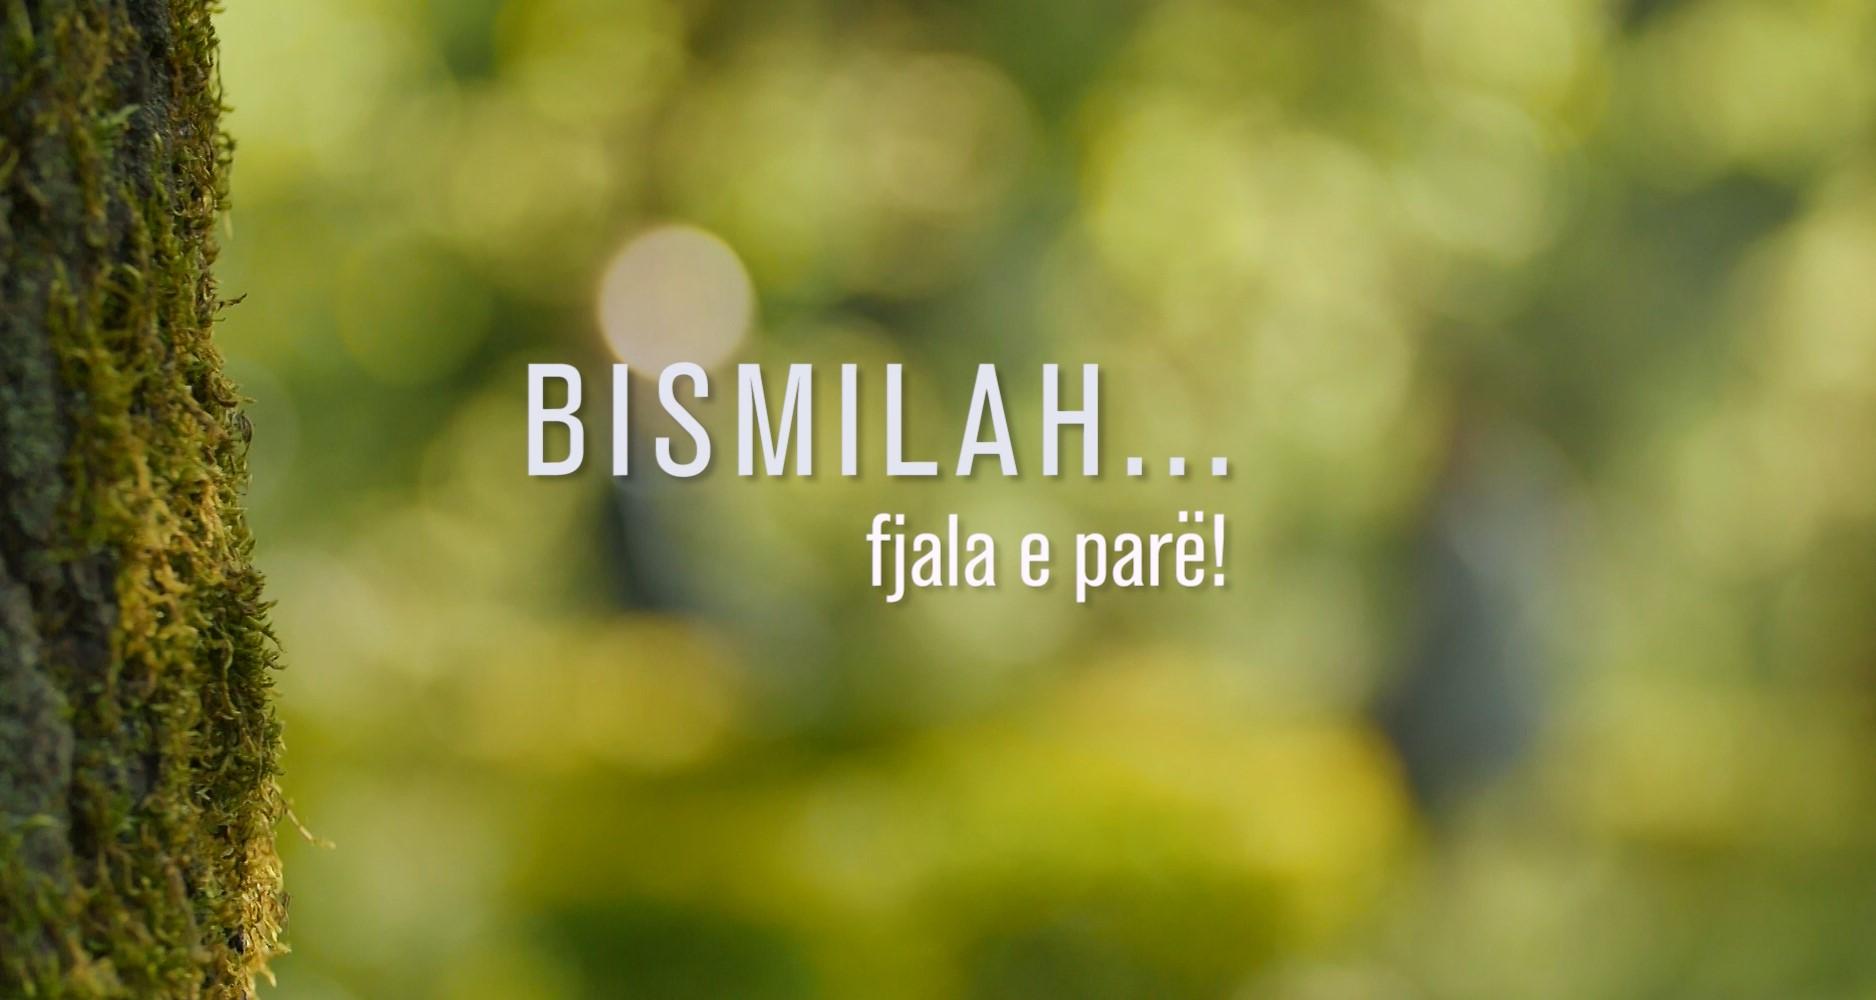 BISMILAH, FJALA E PARË